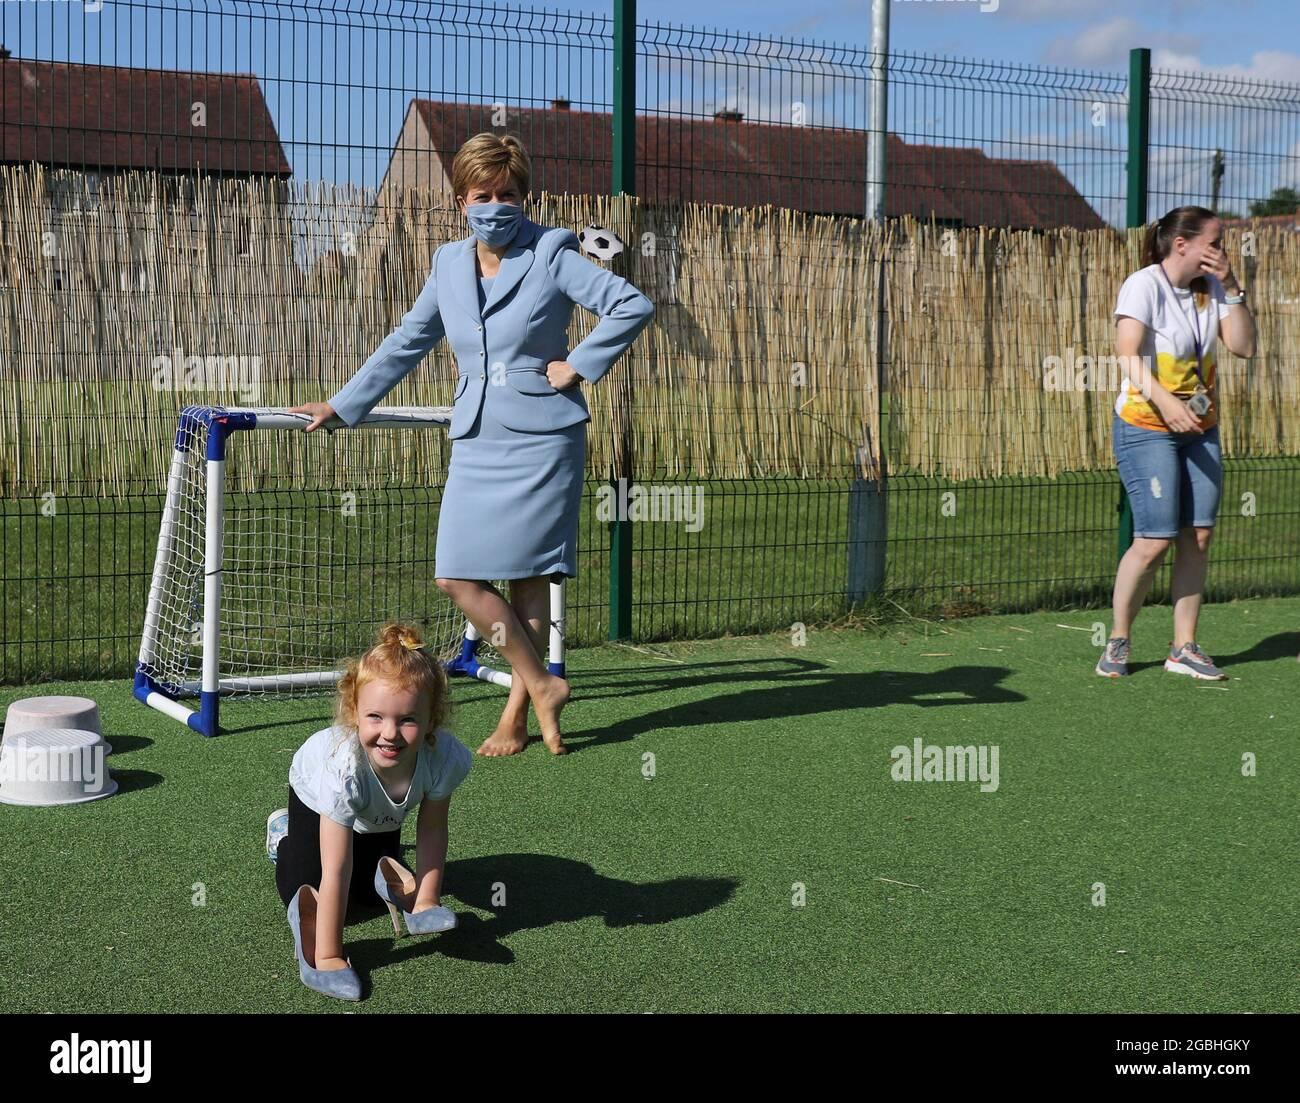 Il primo ministro Nicola Sturgeon gioca a calcio durante una visita al vivaio Fallin di Fallin, Stirlingshire. Data immagine: Mercoledì 4 agosto 2021. Foto Stock